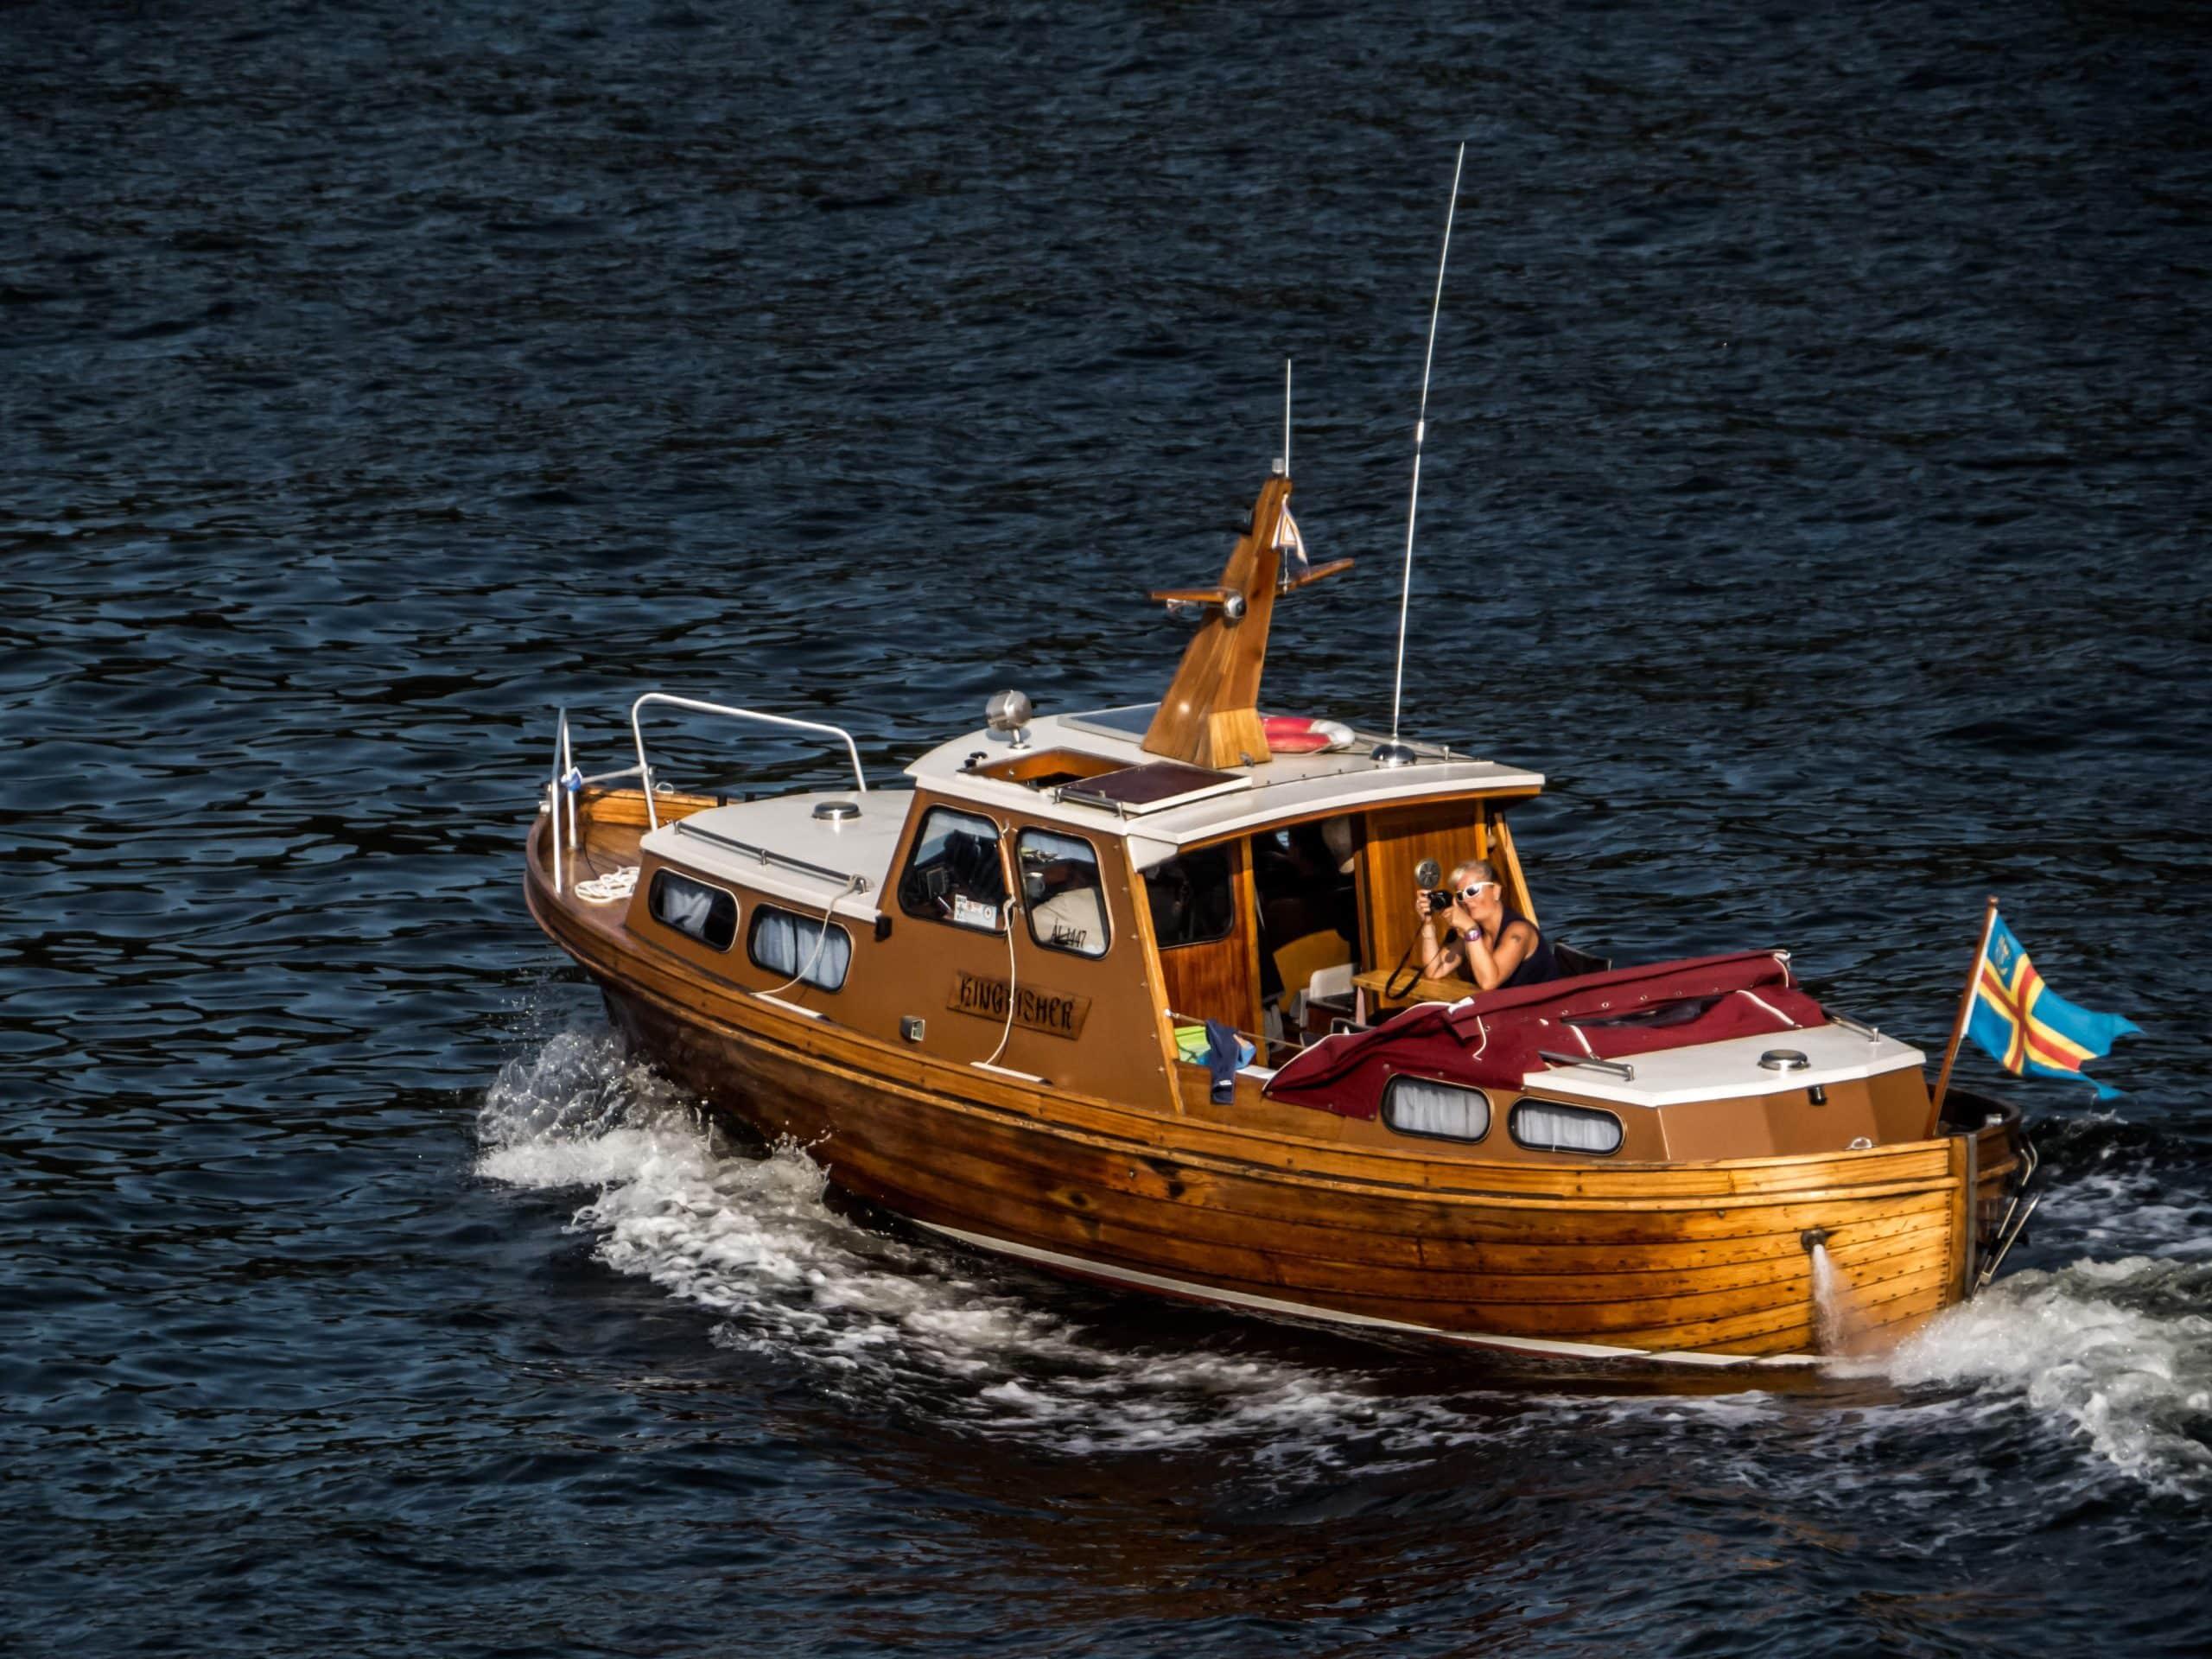 faut il un permis pour conduire un bateau de plaisance u games. Black Bedroom Furniture Sets. Home Design Ideas